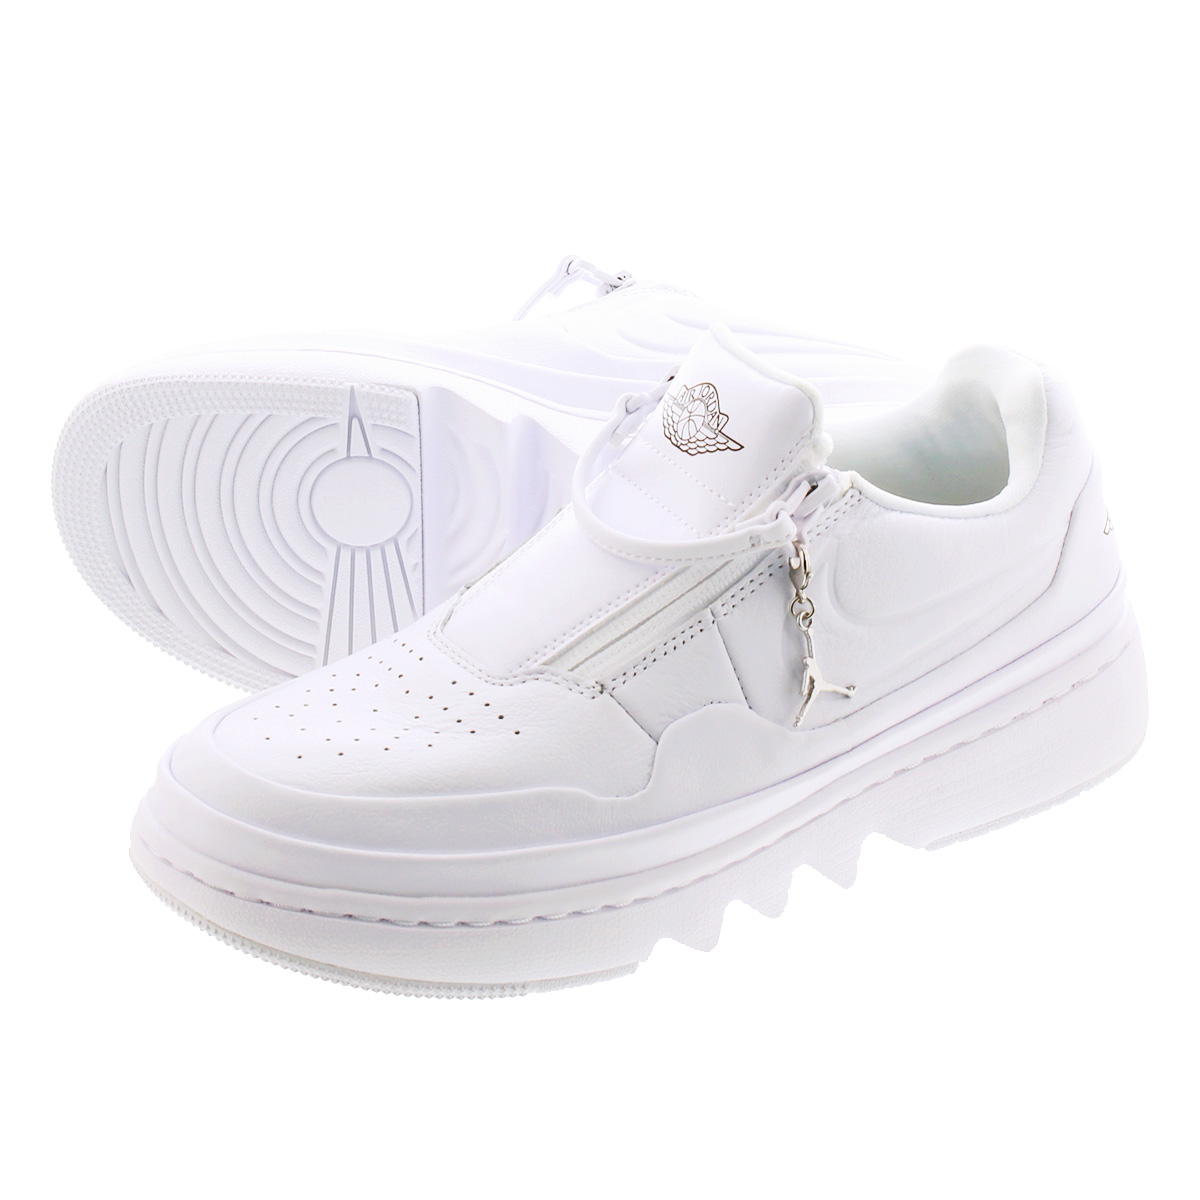 hot sale online 54697 6afa6 NIKE WMNS AIR JORDAN 1 JESTER XX LOW Nike women Air Jordan 1 Jester XX low  WHITE/BLACK/WHITE av4050-100